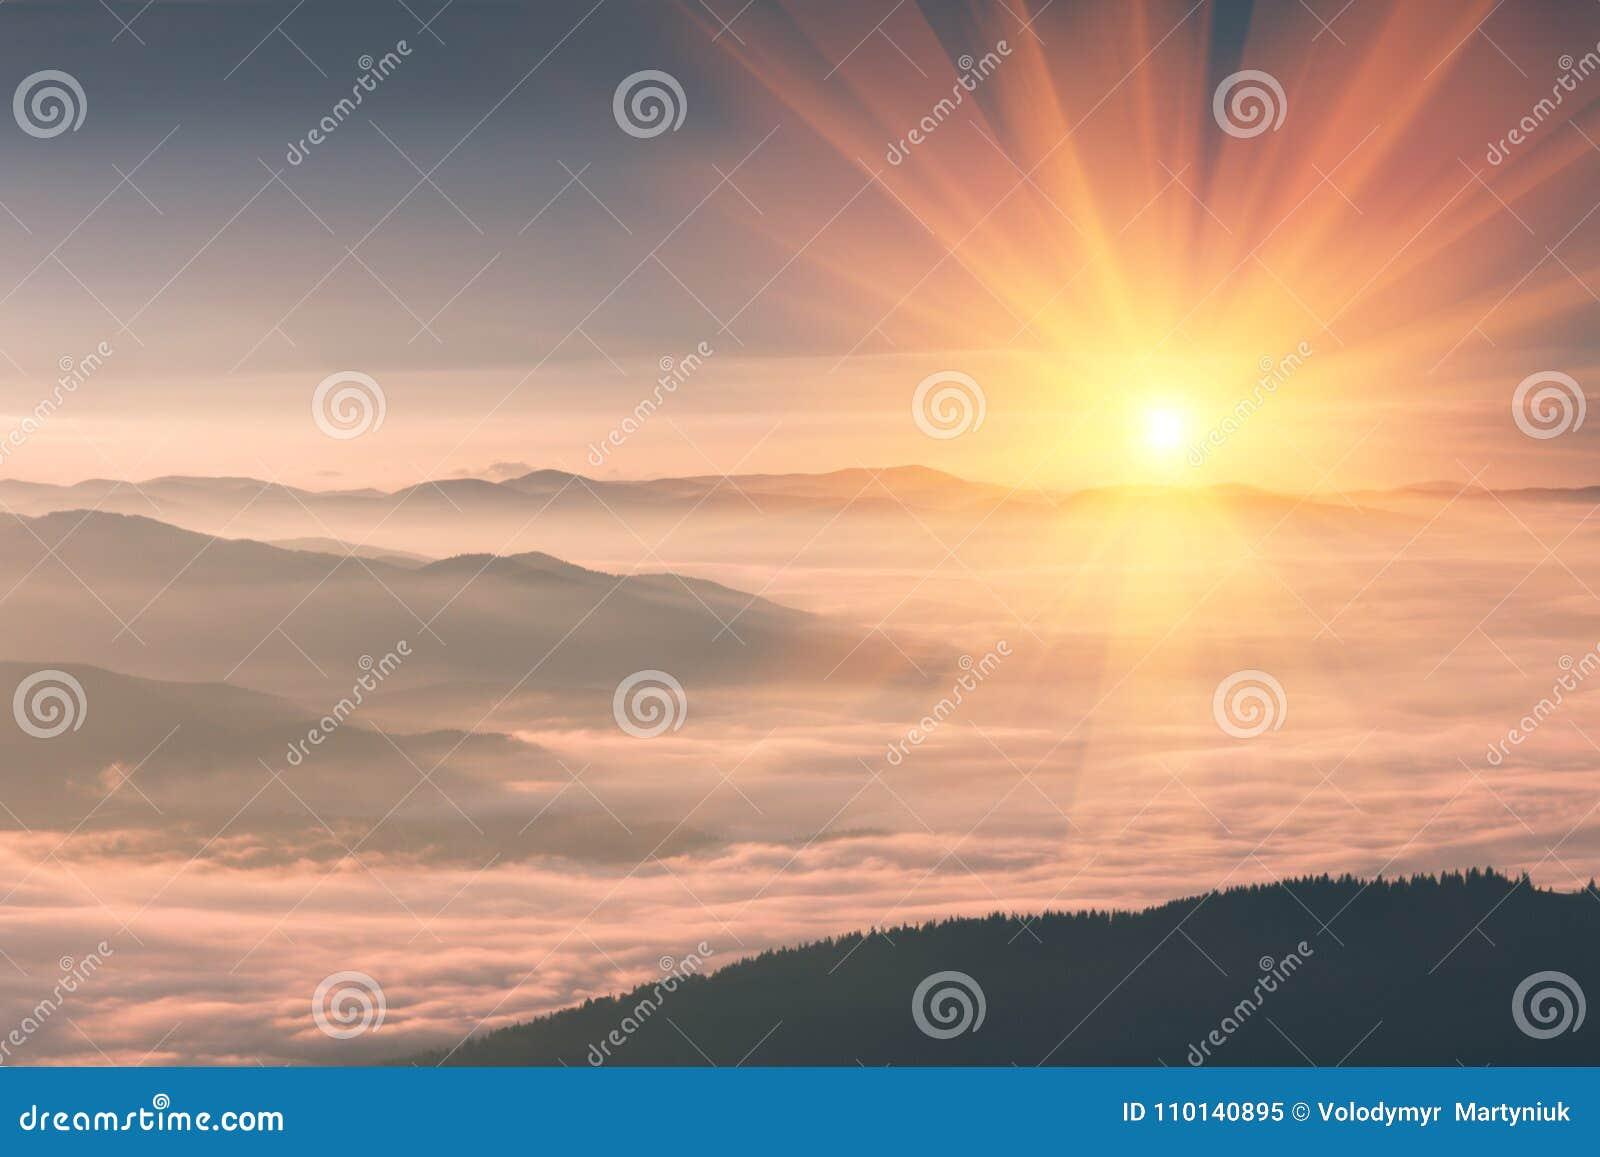 7184eb3ef9 Beau paysage dans les montagnes au lever de soleil Vue du début de la  matinée illuminé par les rayons d'or du Soleil Levant Collines brumeuses  couvertes par ...